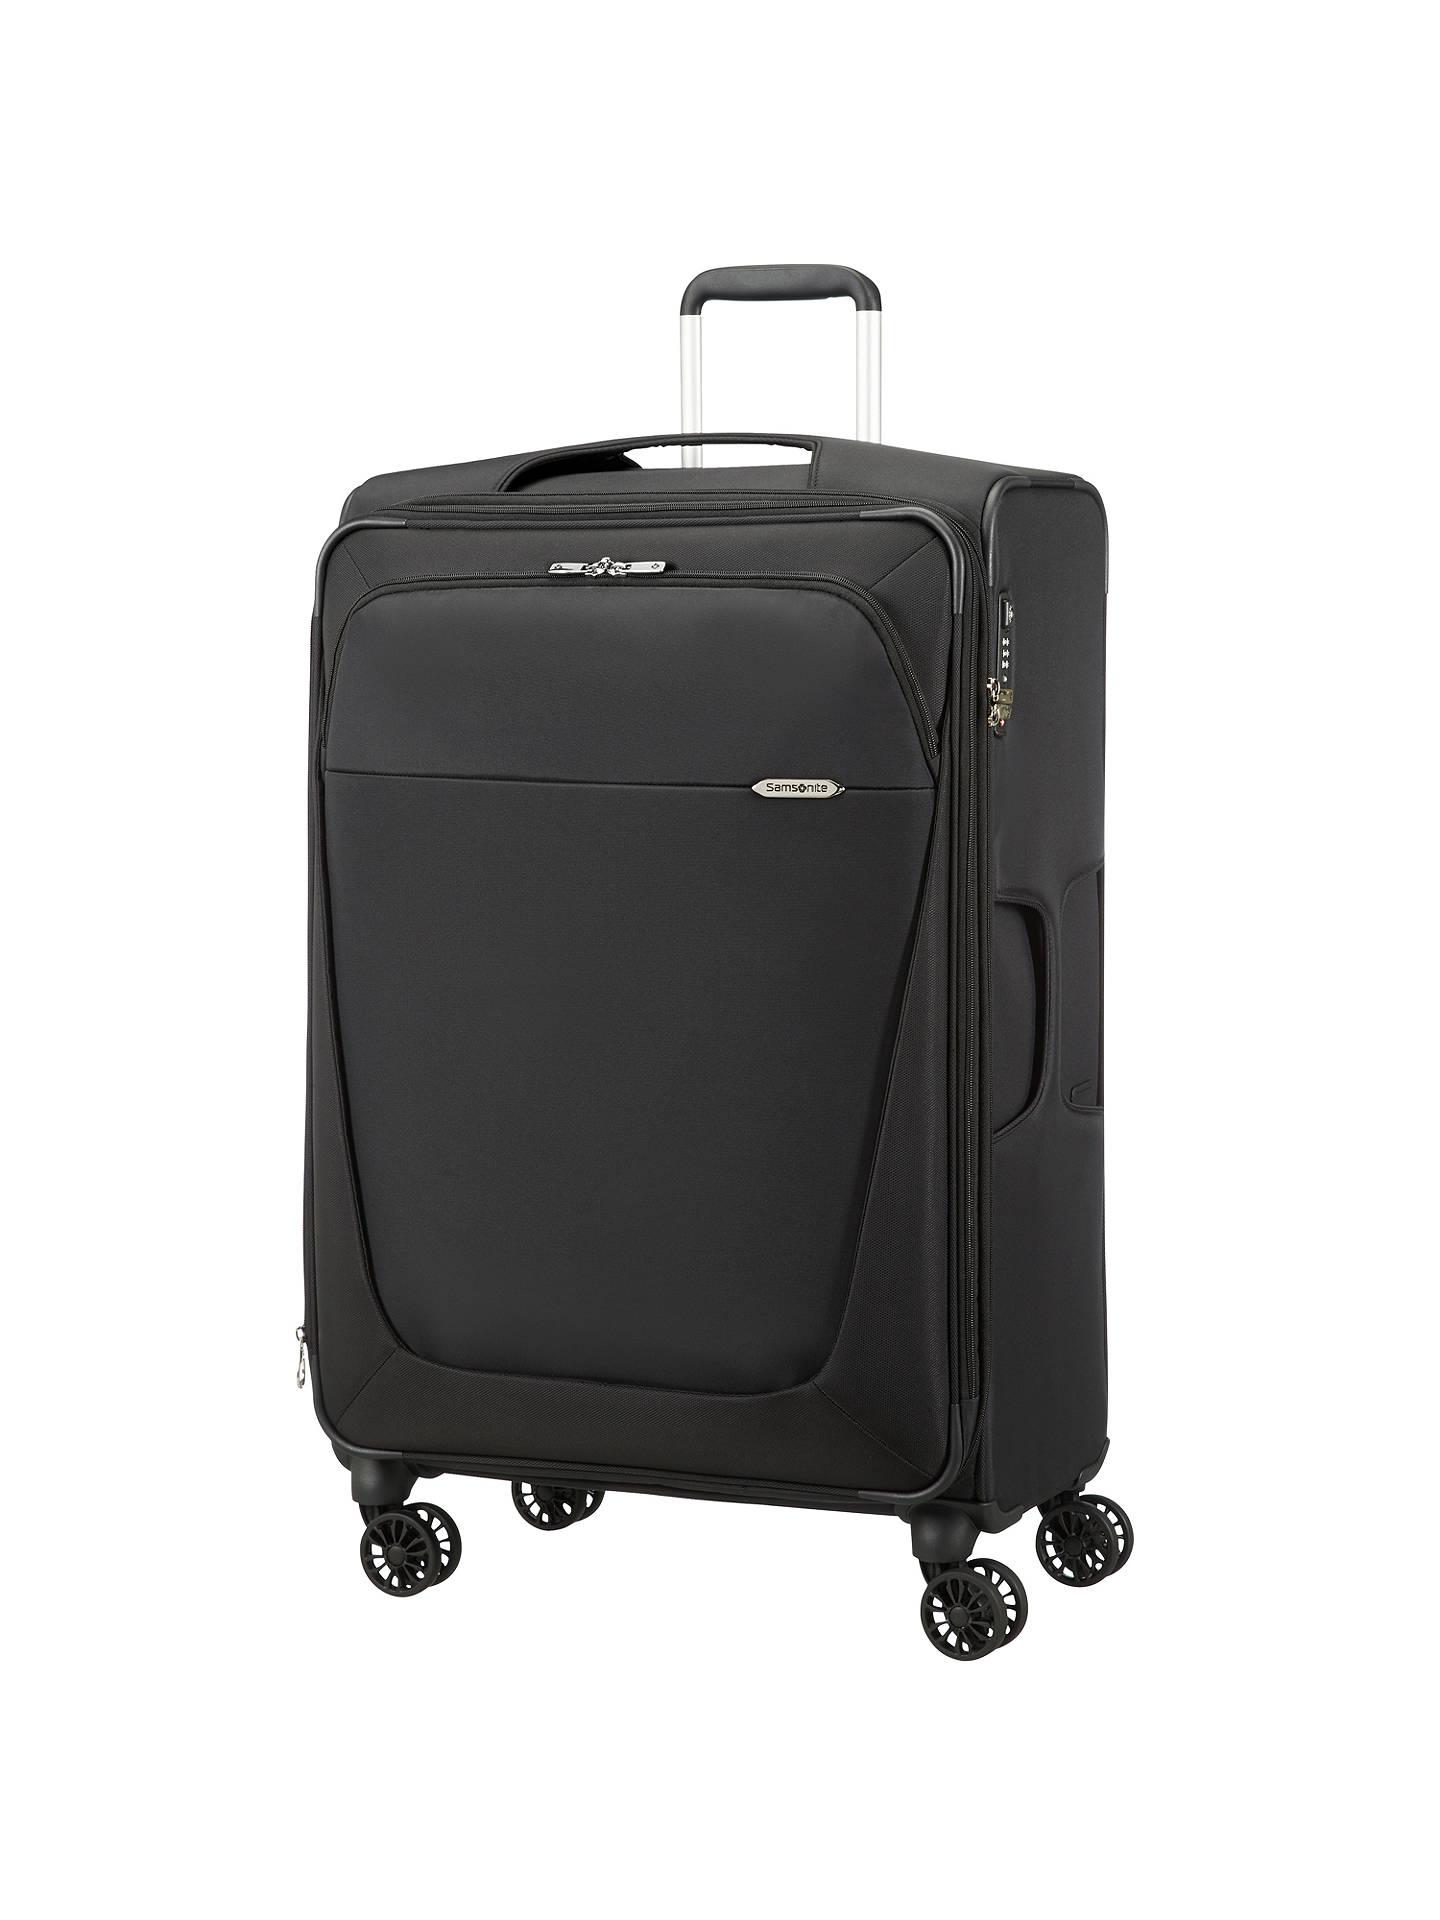 samsonite b lite 3 4 wheel 78cm large spinner suitcase. Black Bedroom Furniture Sets. Home Design Ideas